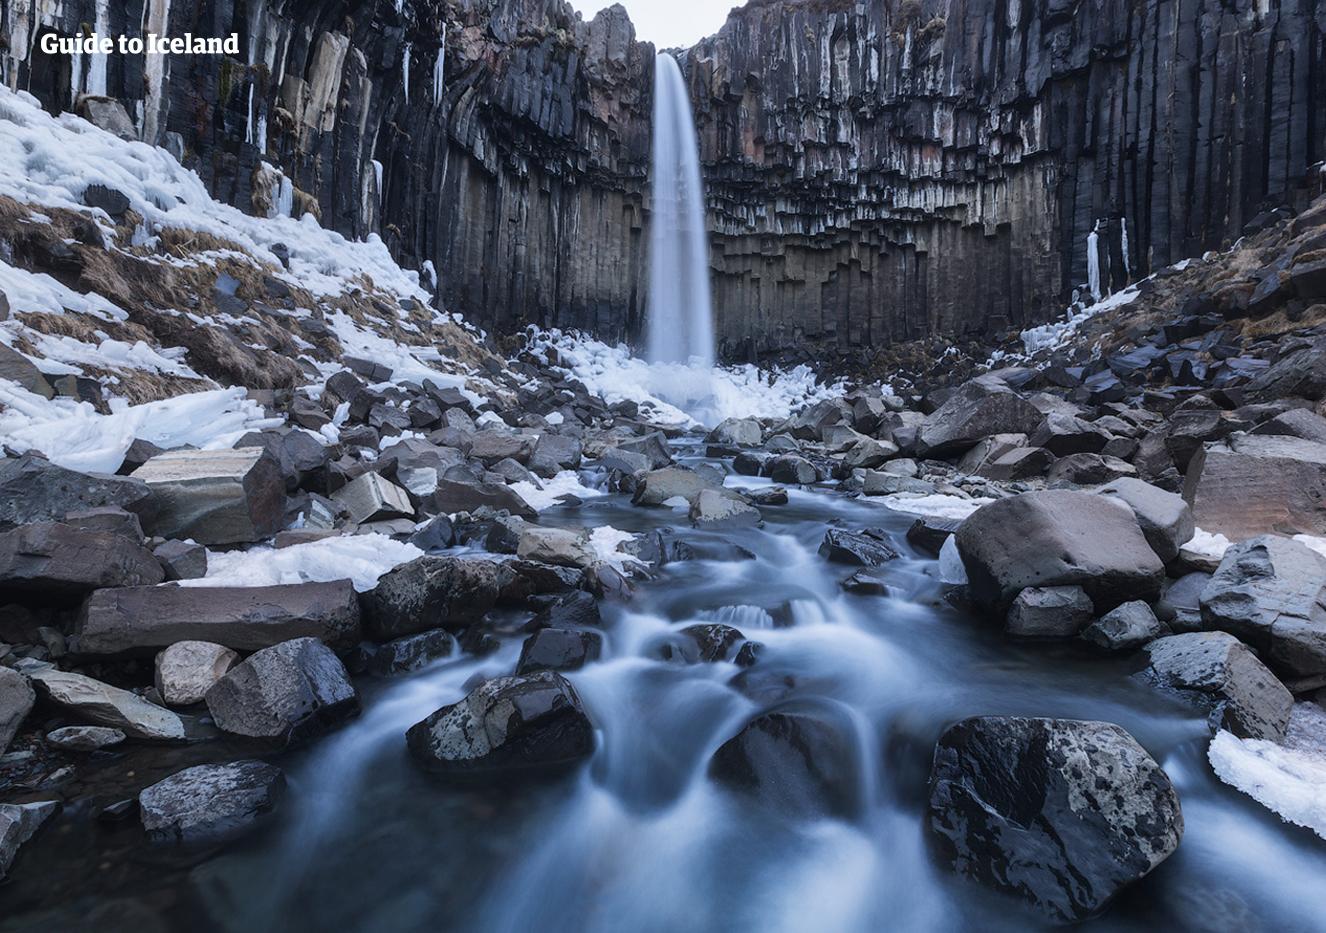 Relaksująca 11-dniowa, zimowa wycieczka z własnym samochodem po południowym wybrzeżu Islandii i Snaefellsnes - day 8